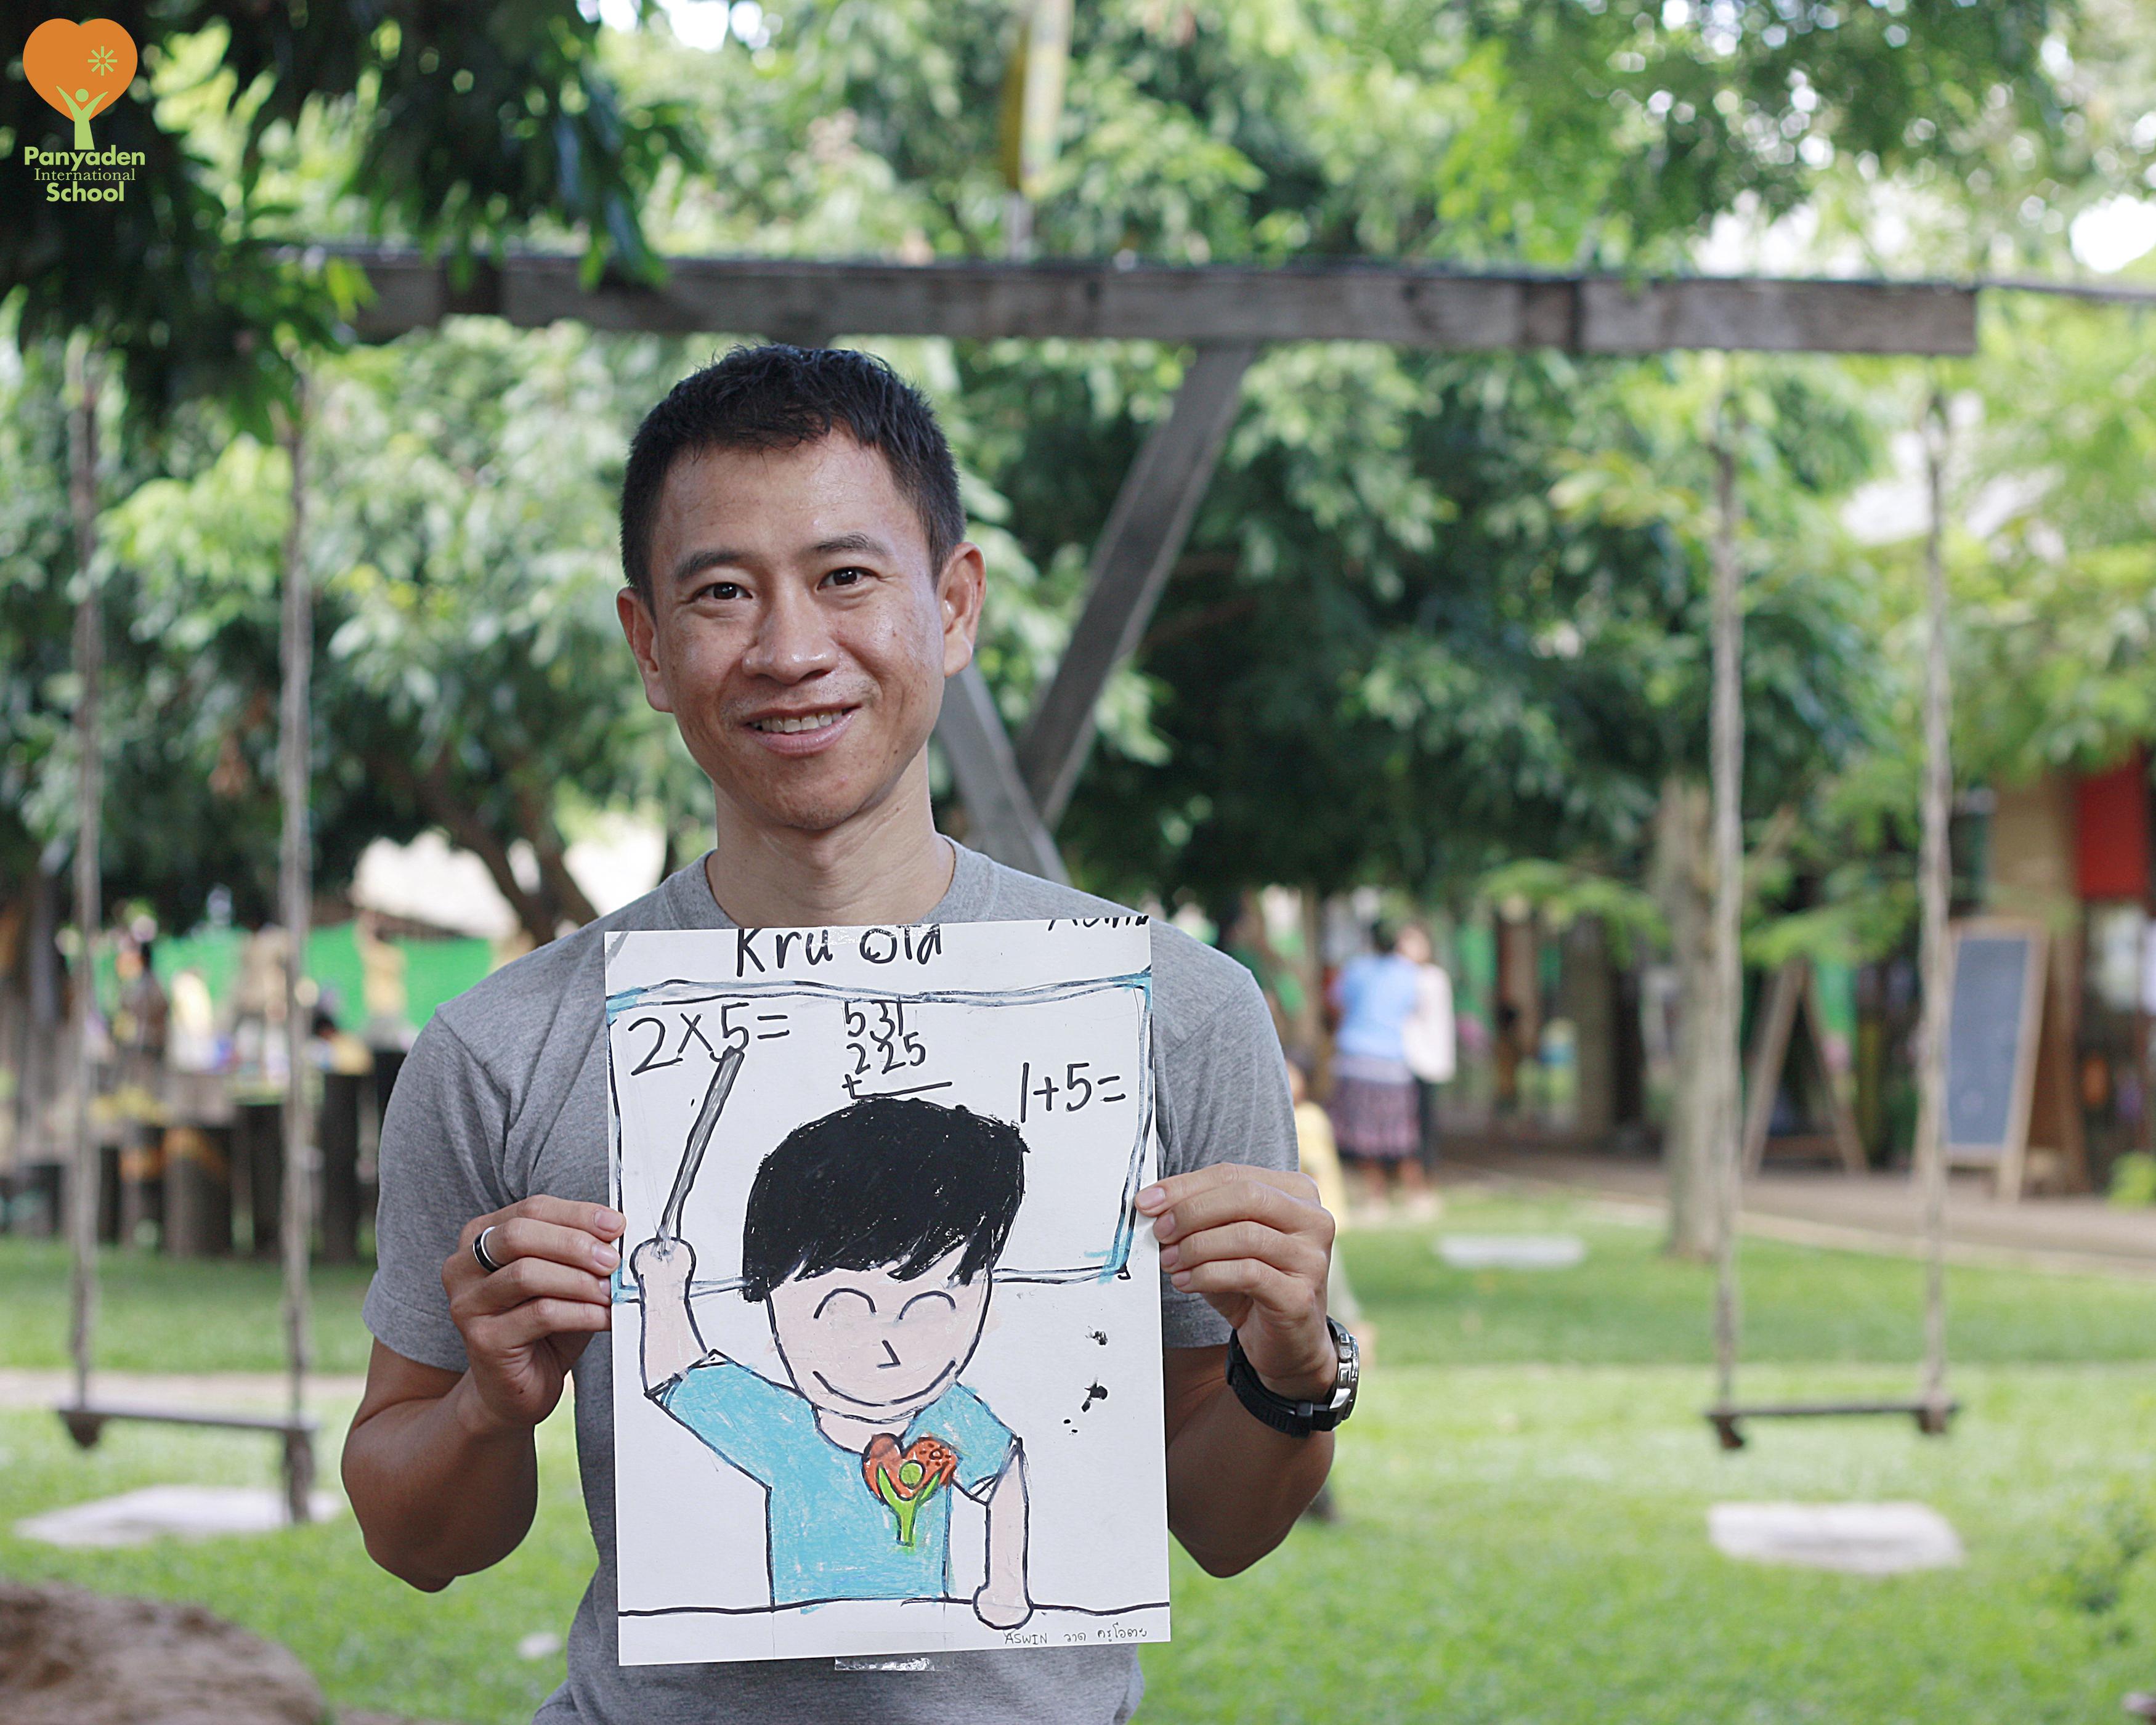 Kru Ota by Aswin, Panyaden International School